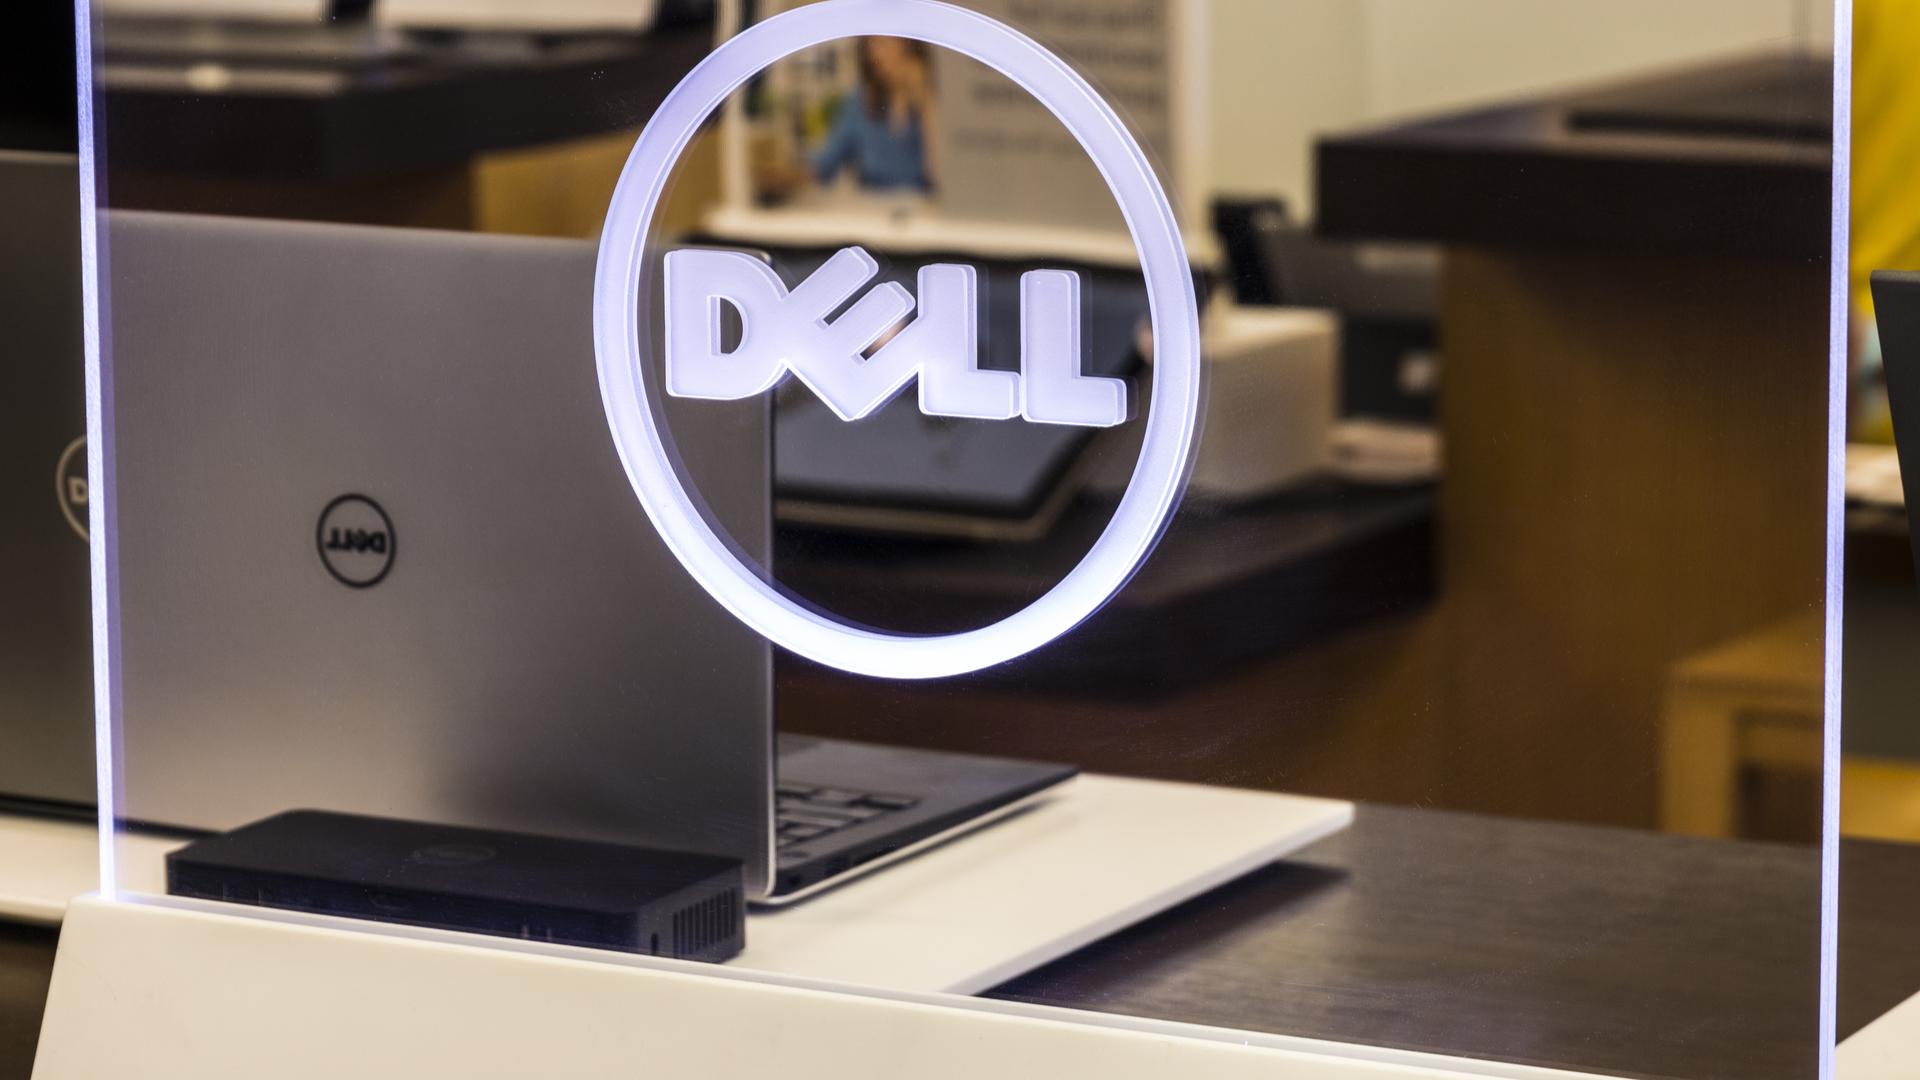 Dell Inspiron 3583 é bom? Analisamos o notebook com Intel Core i5